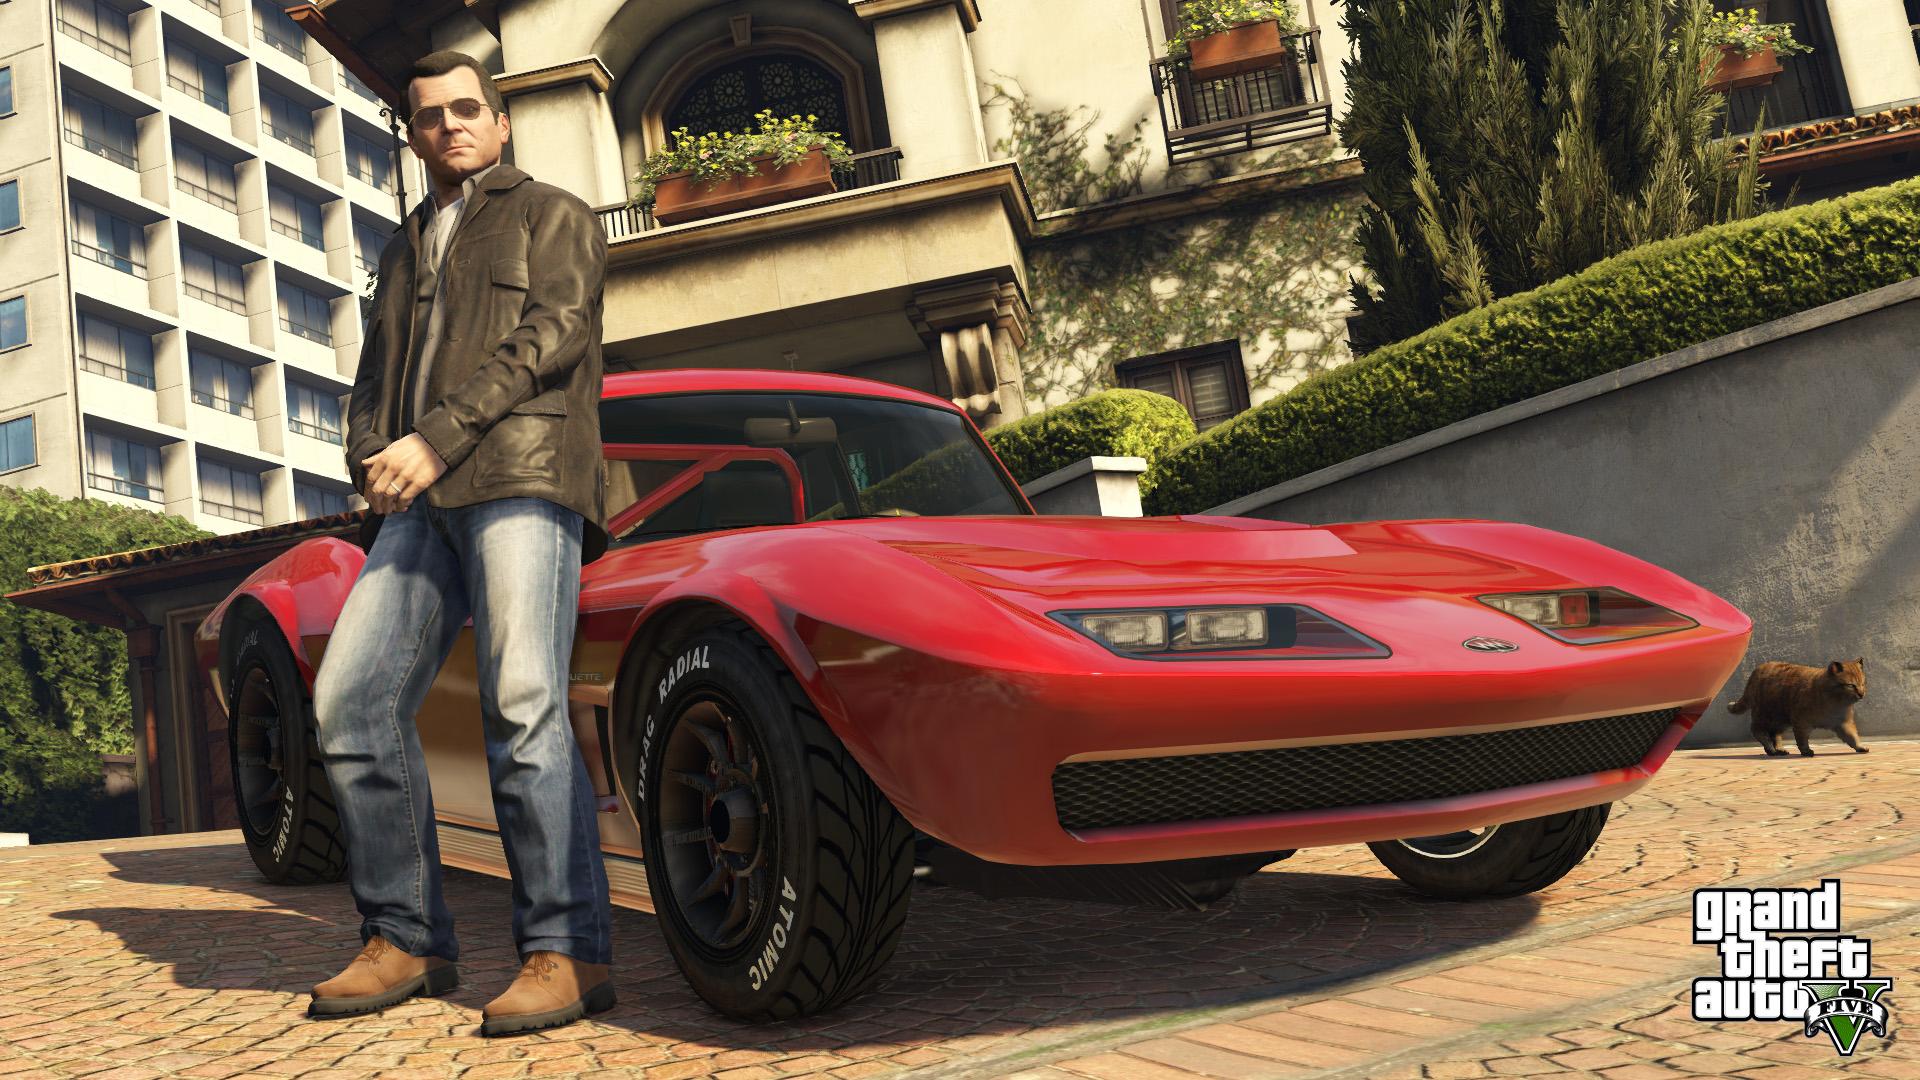 Video Games Grand Theft Auto V Michael De Santa Car